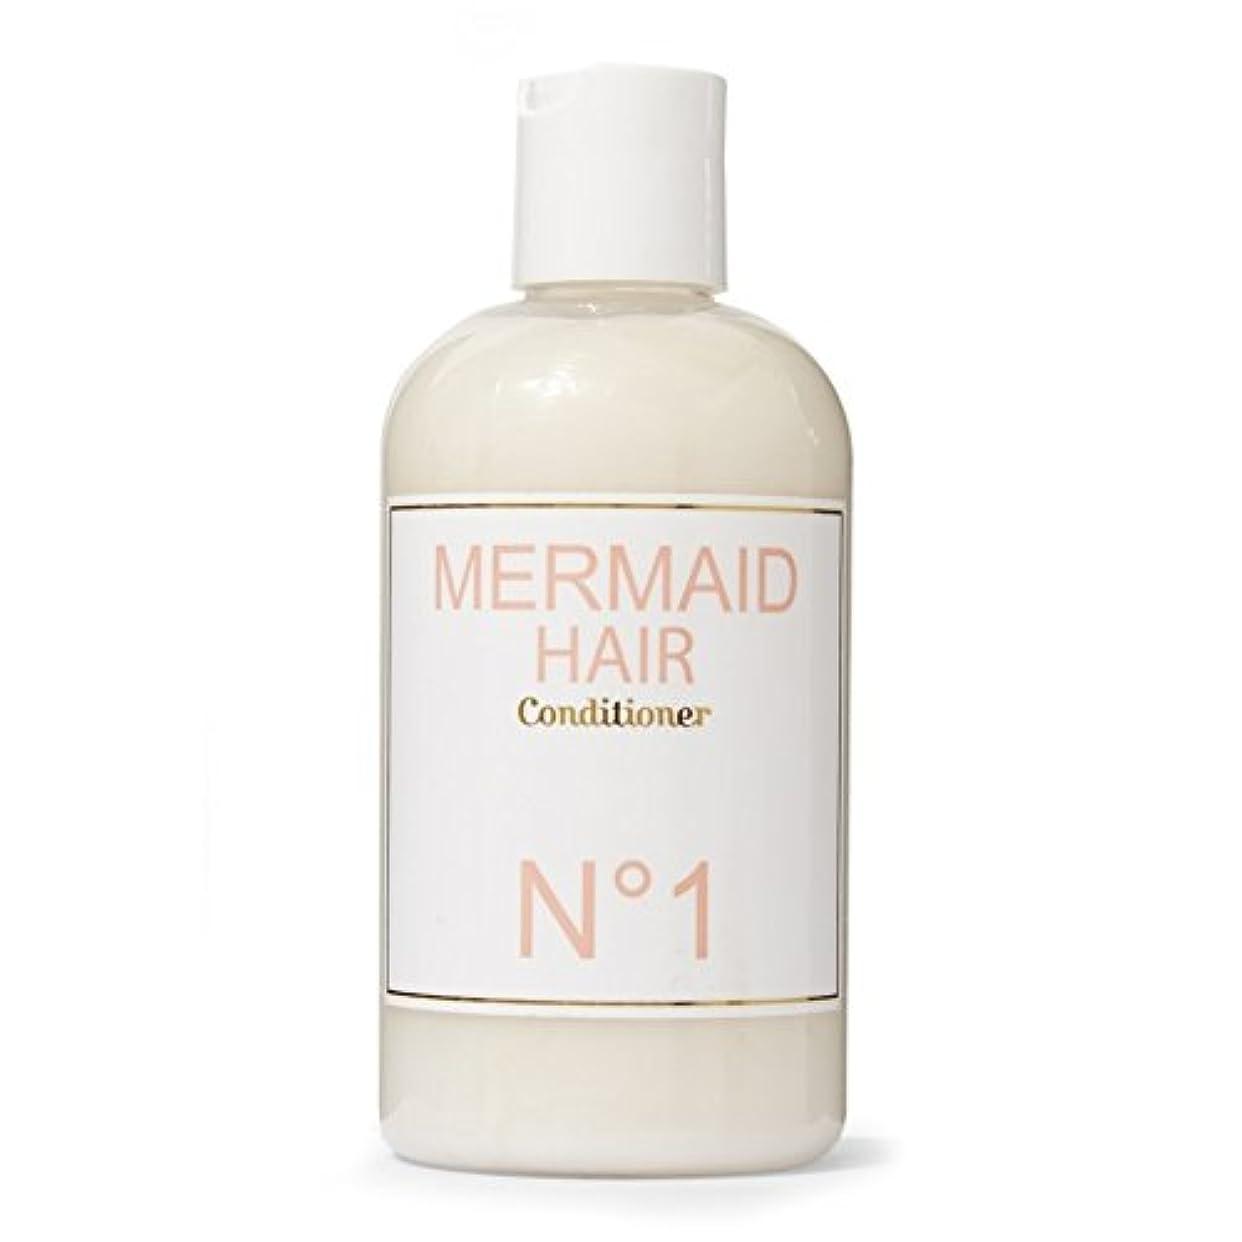 抜本的な博物館大きさMermaid Perfume Mermaid Conditioner 300ml (Pack of 6) - 人魚香水人魚コンディショナー300ミリリットル x6 [並行輸入品]